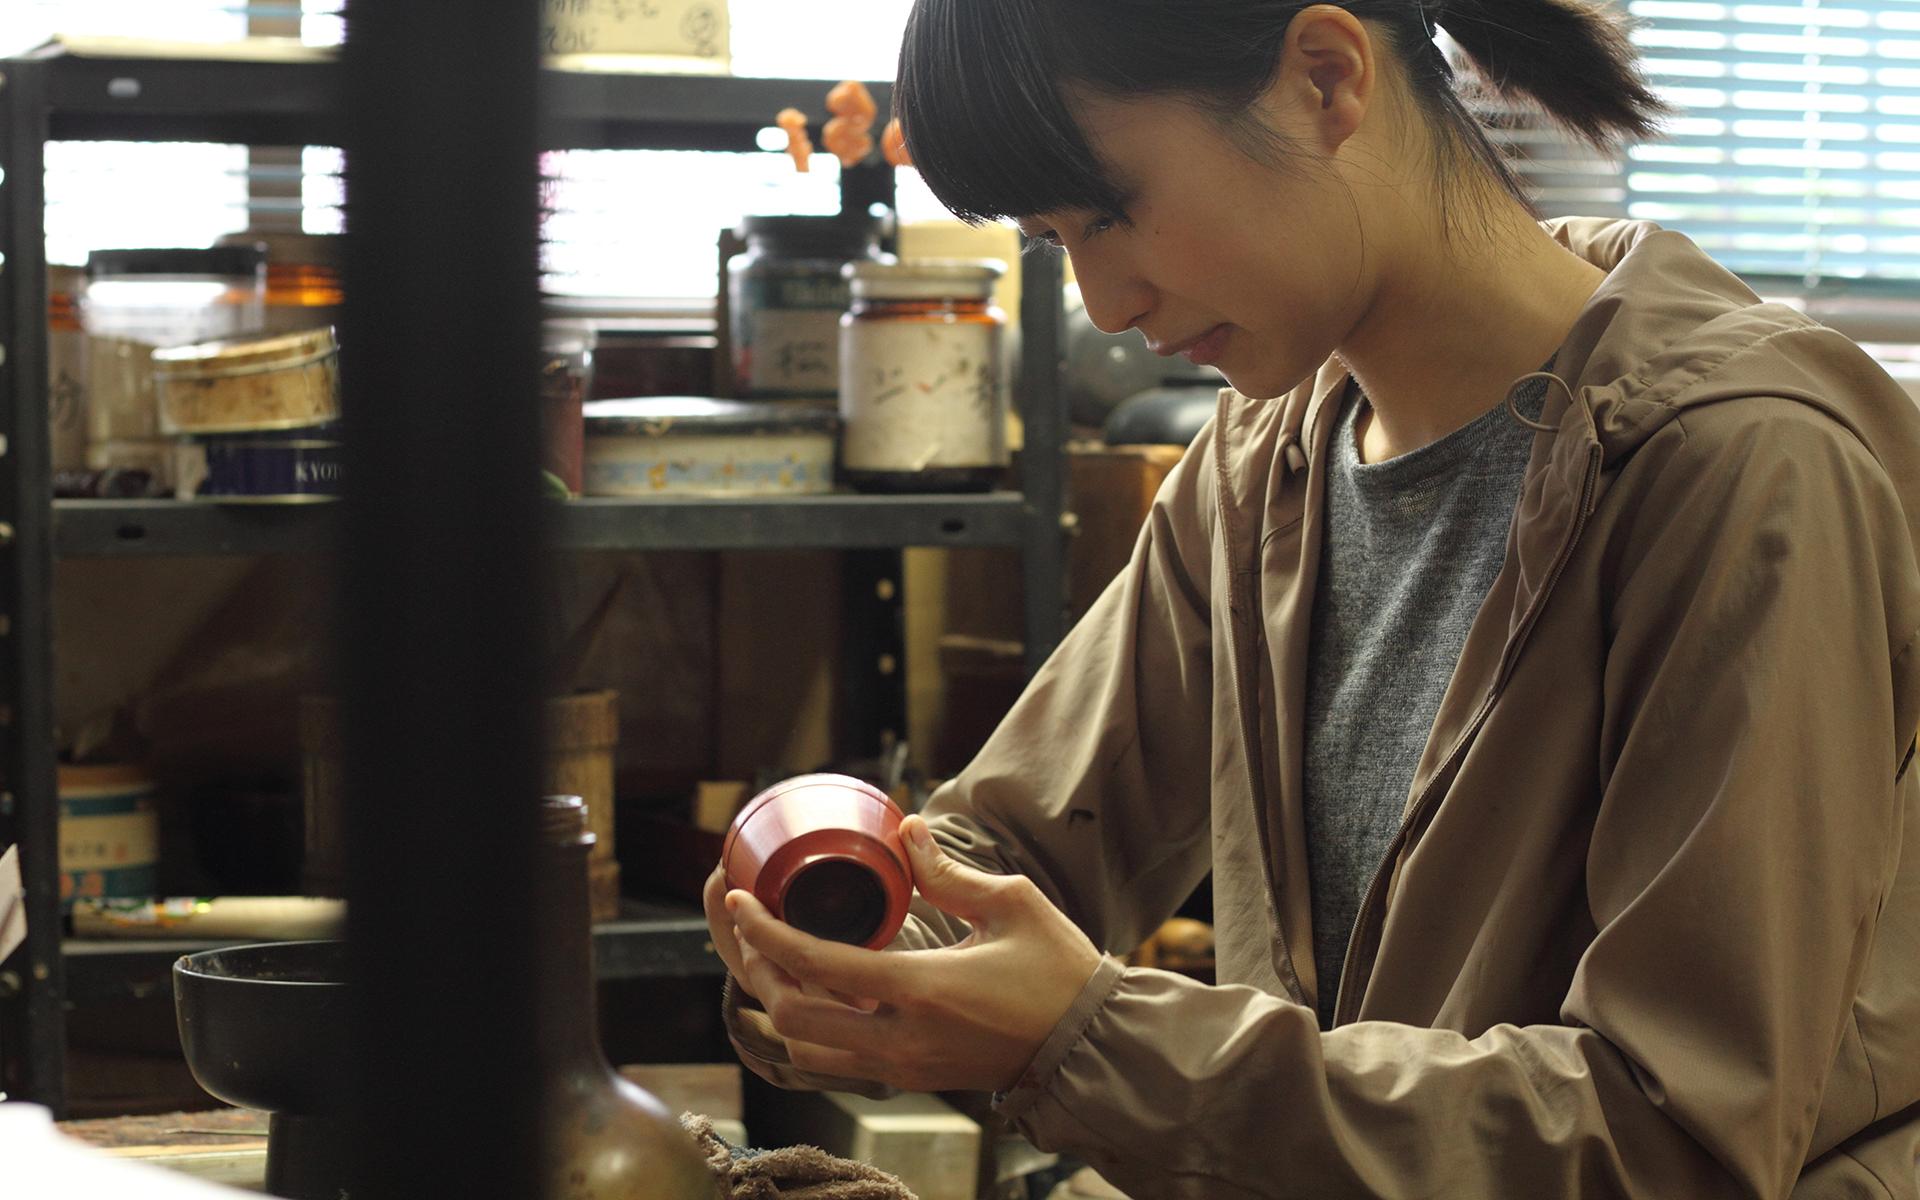 鯖江・漆琳堂の塗師・嶋田希望さん/さんち〜工芸と探訪〜